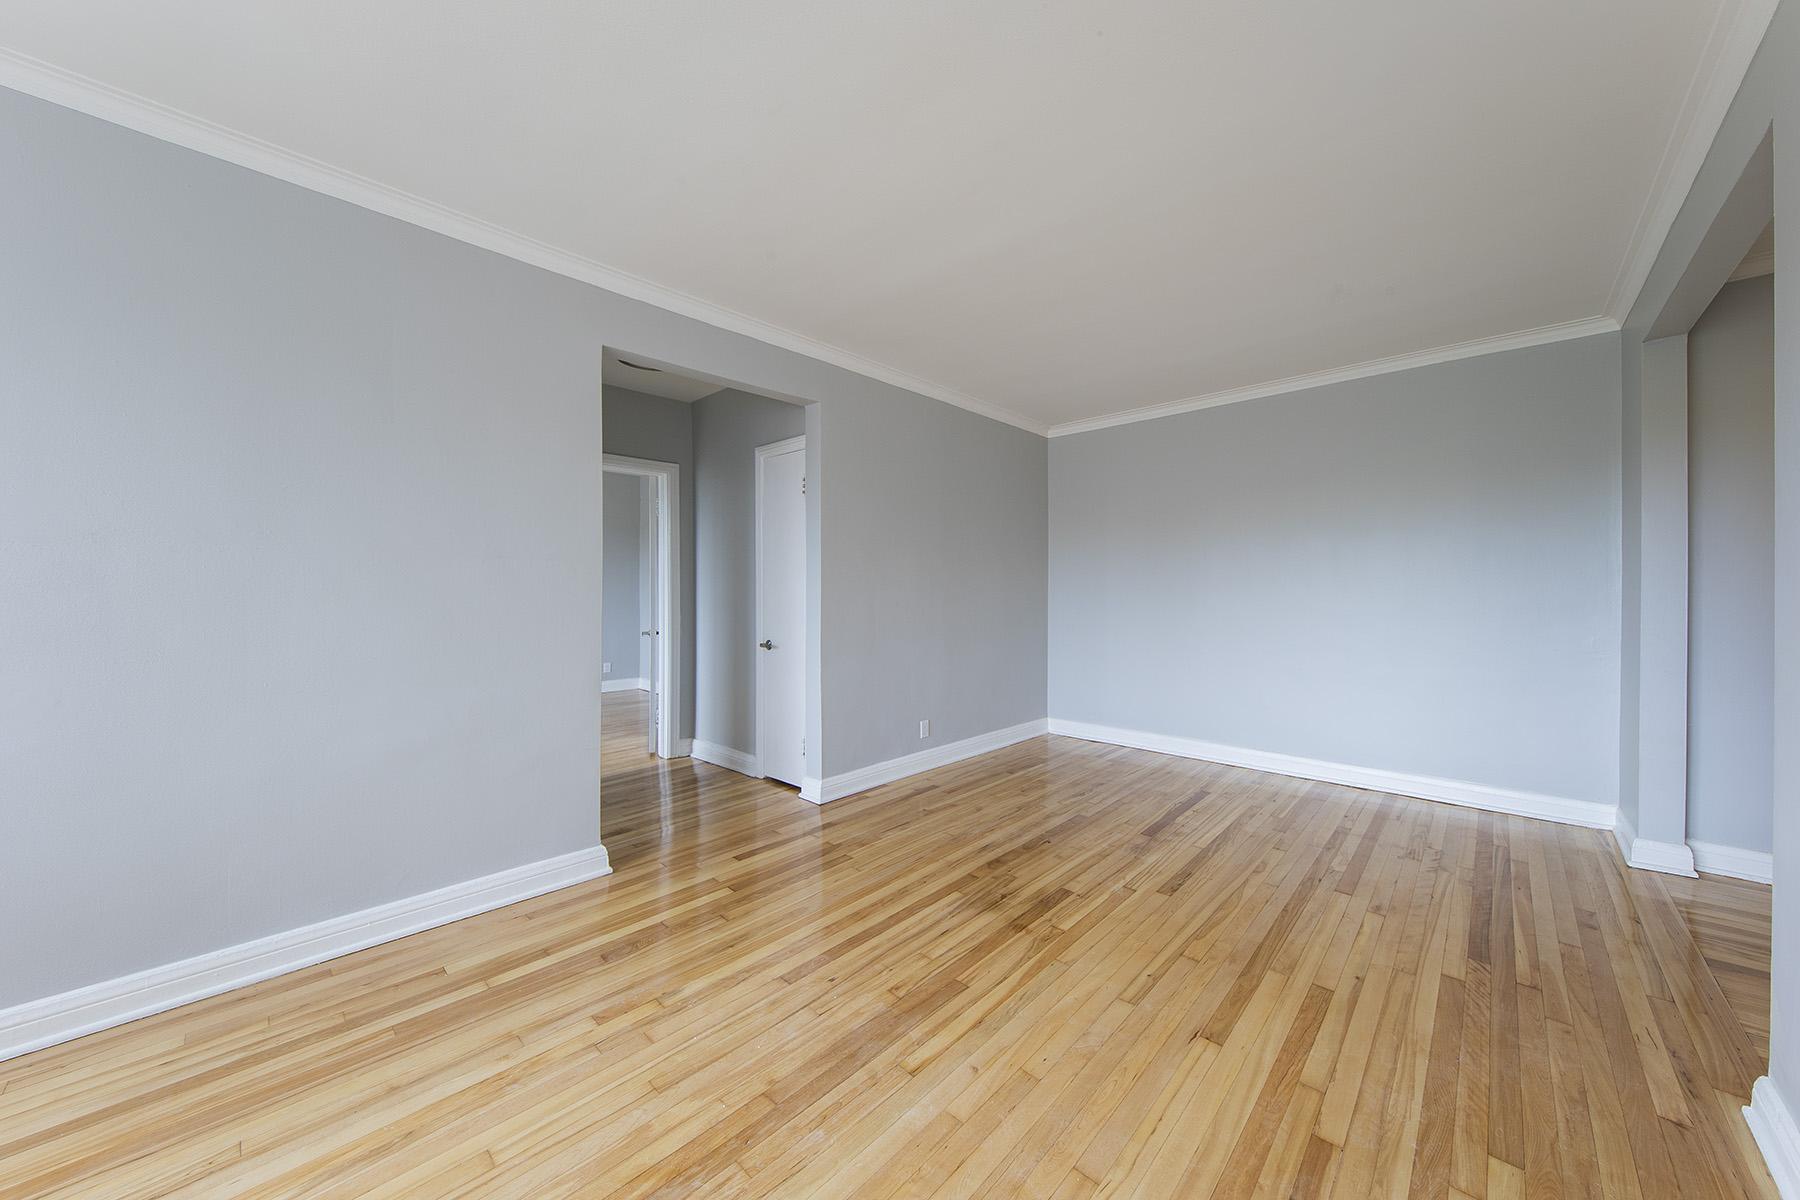 Appartement Studio / Bachelor a louer à Notre-Dame-de-Grâce a 6325 Somerled - Photo 06 - TrouveUnAppart – L401539